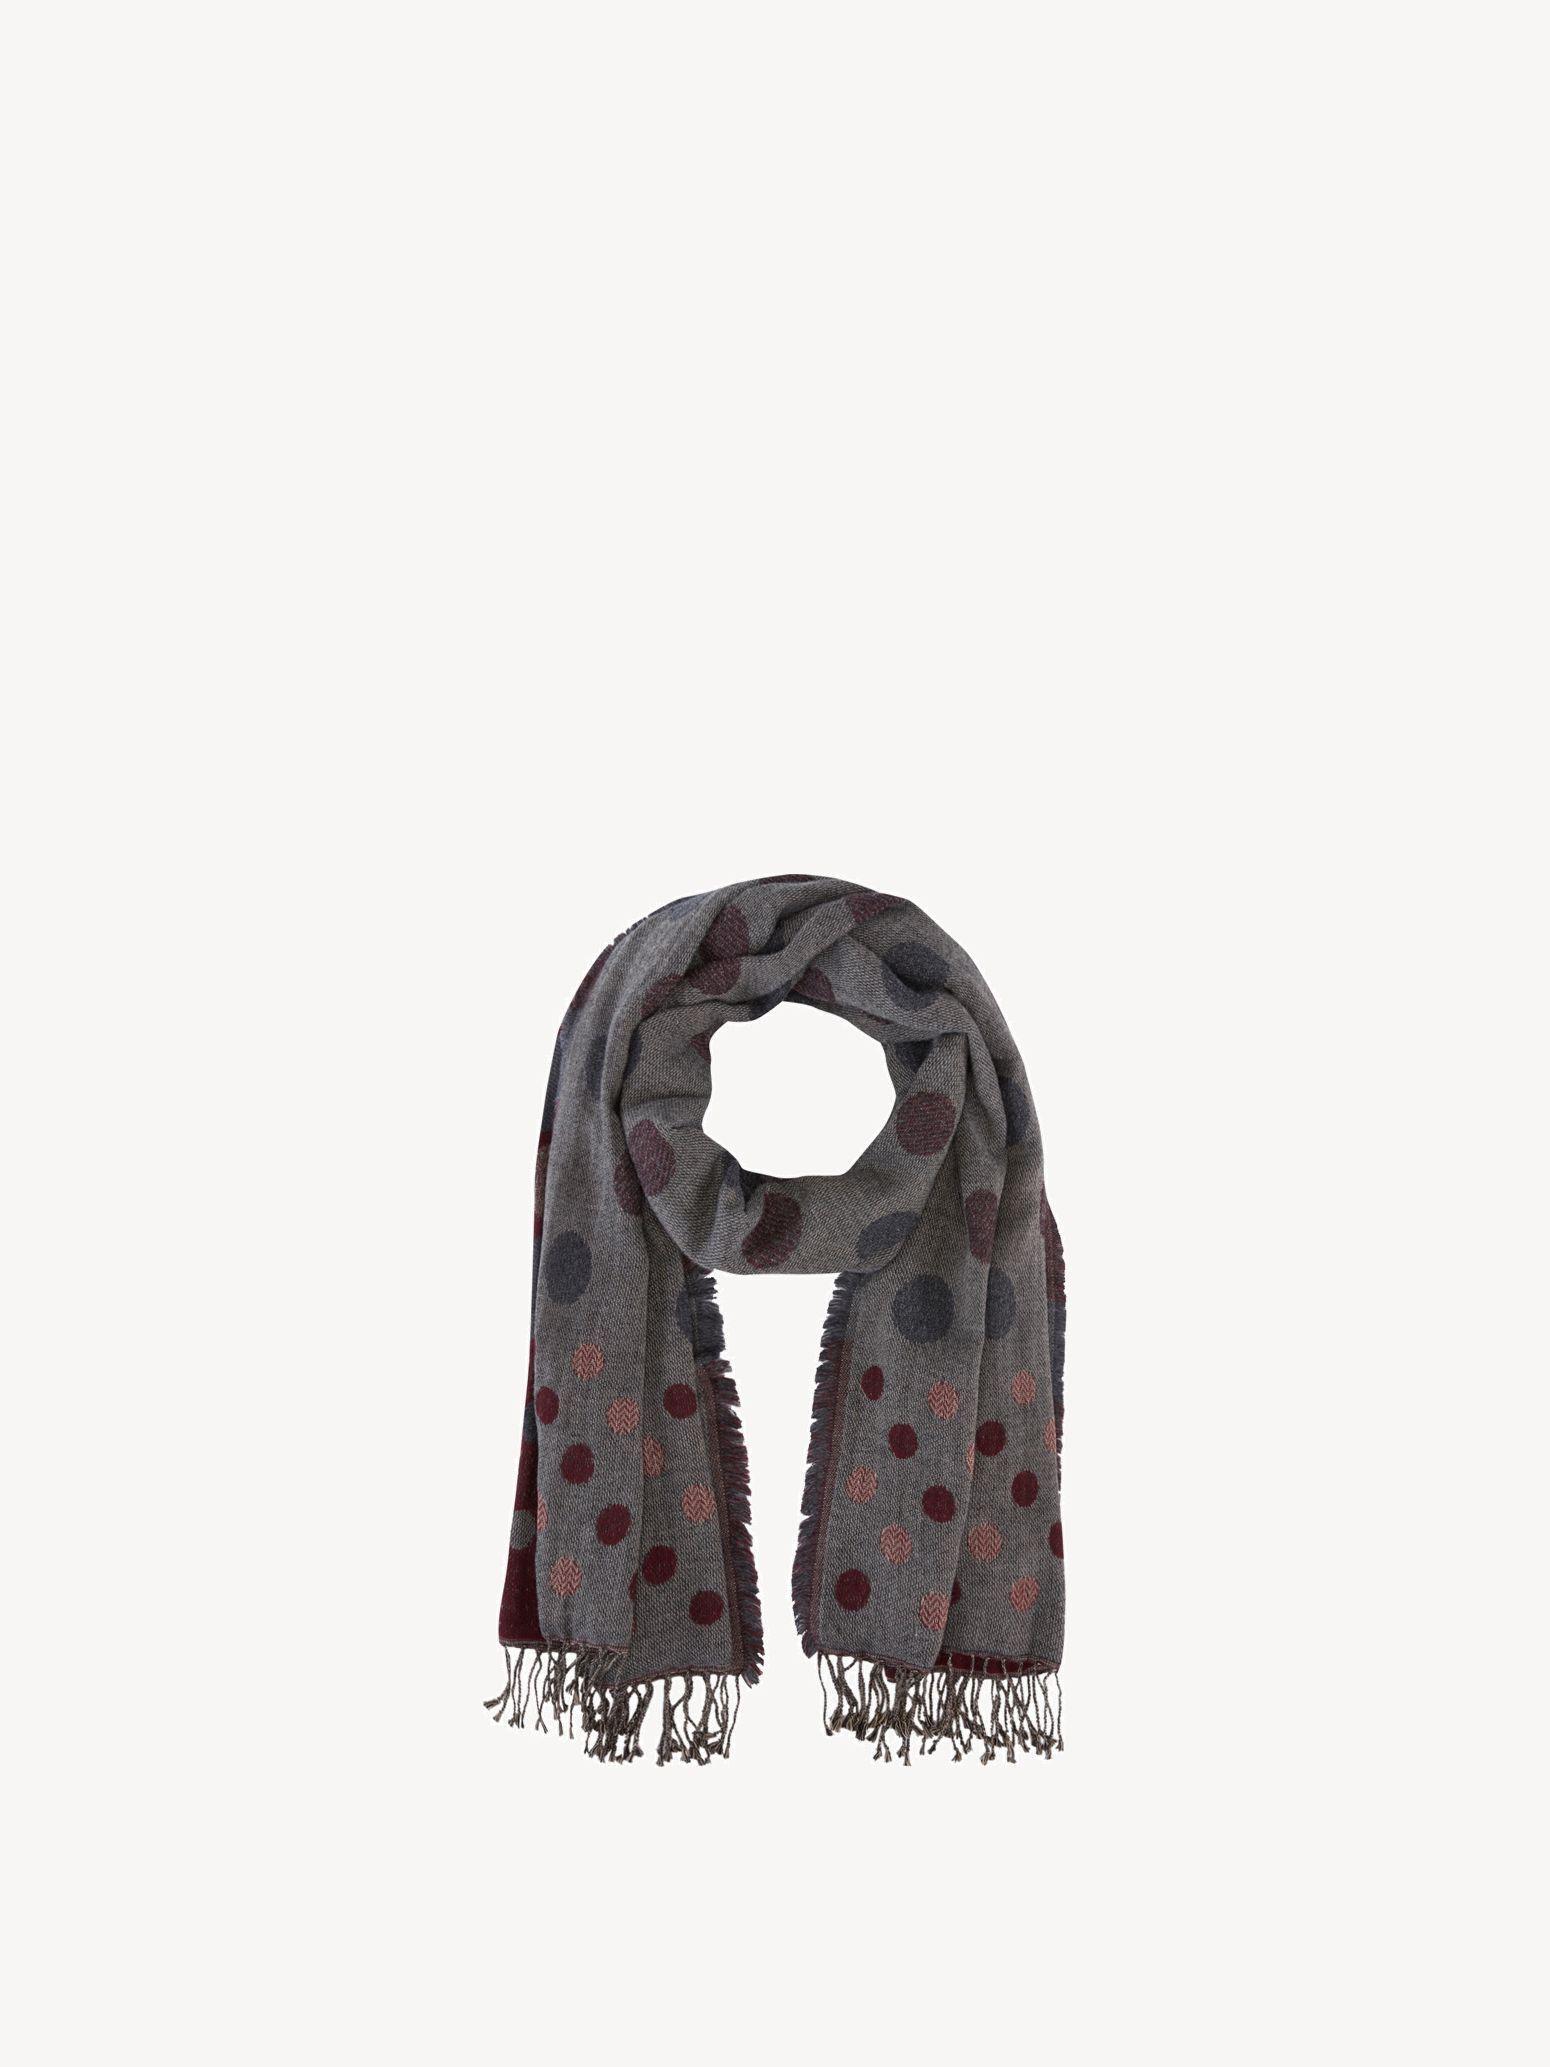 Tamaris Damen Schals & Tücher günstig kaufen | eBay